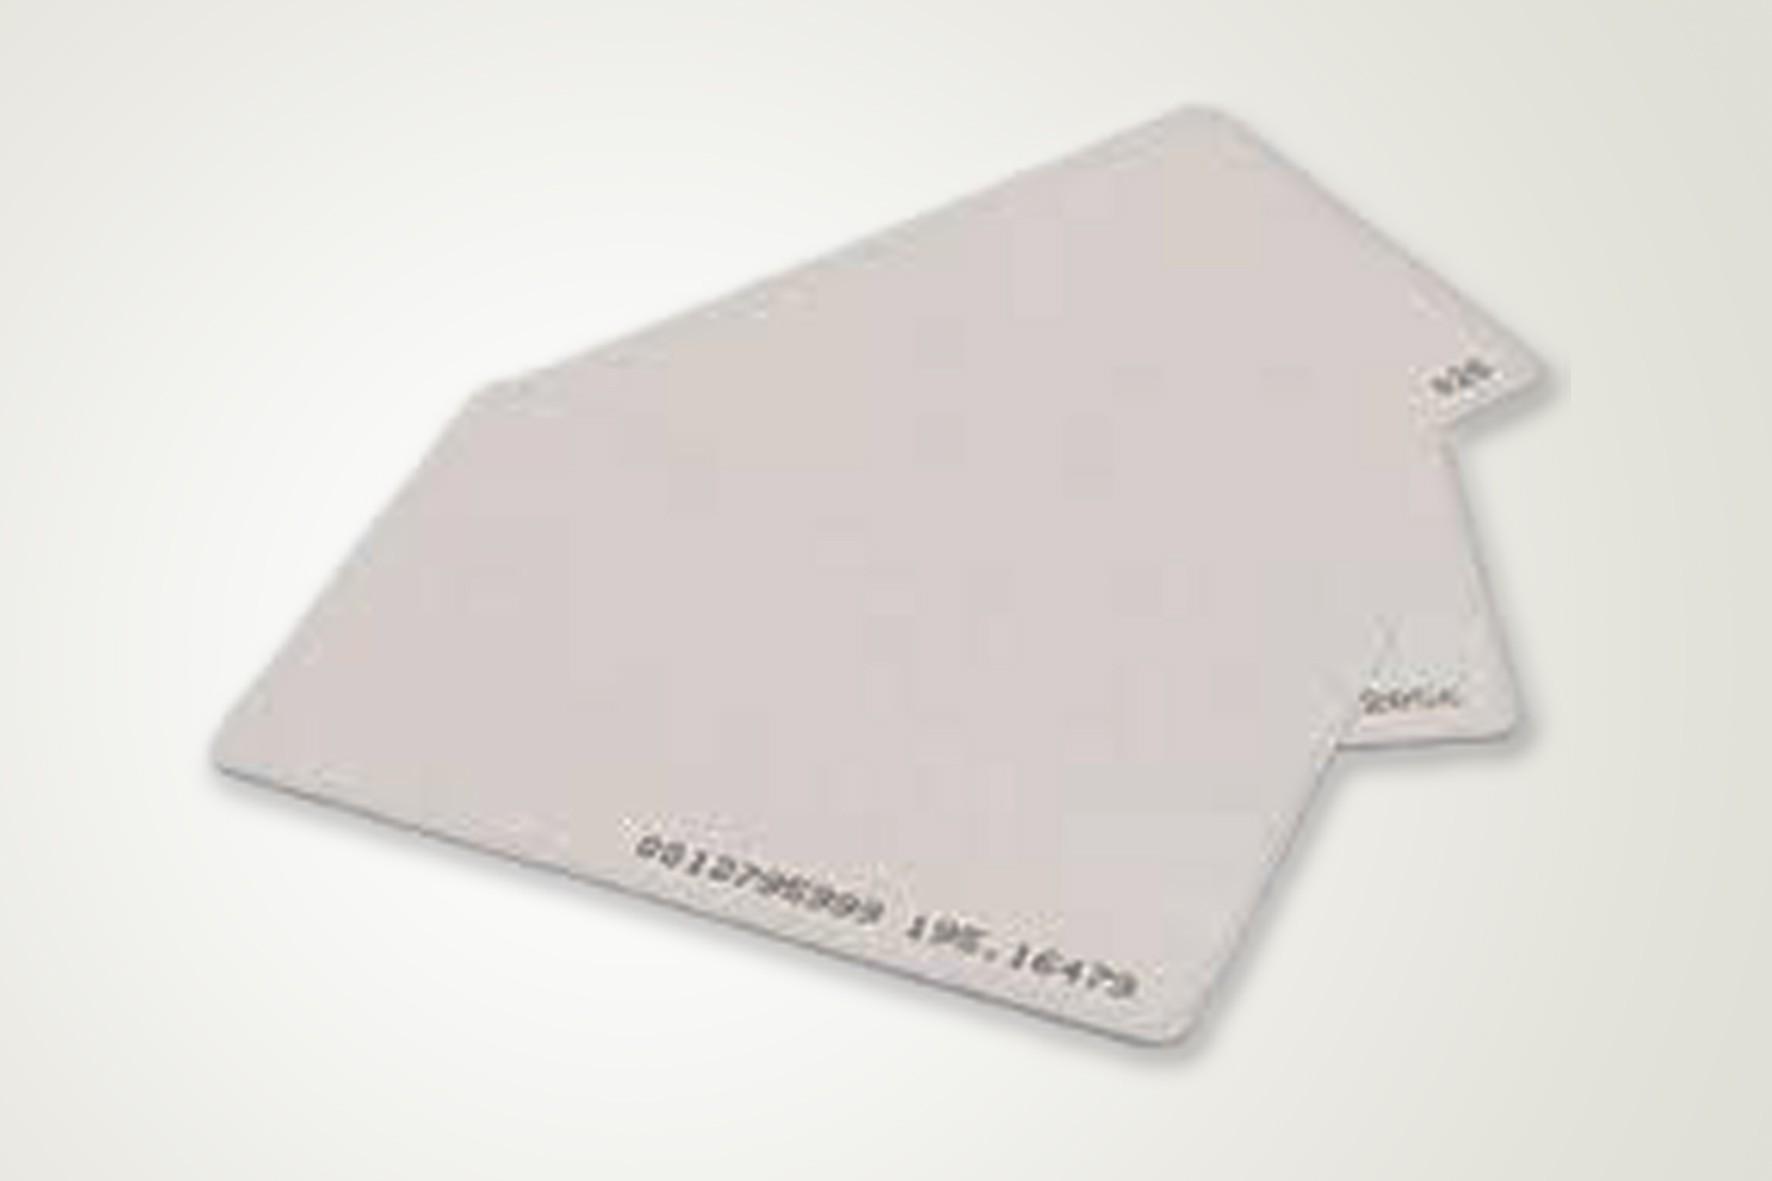 Cartões com Chip de Proximidade na Consolação - Crachá Funcional